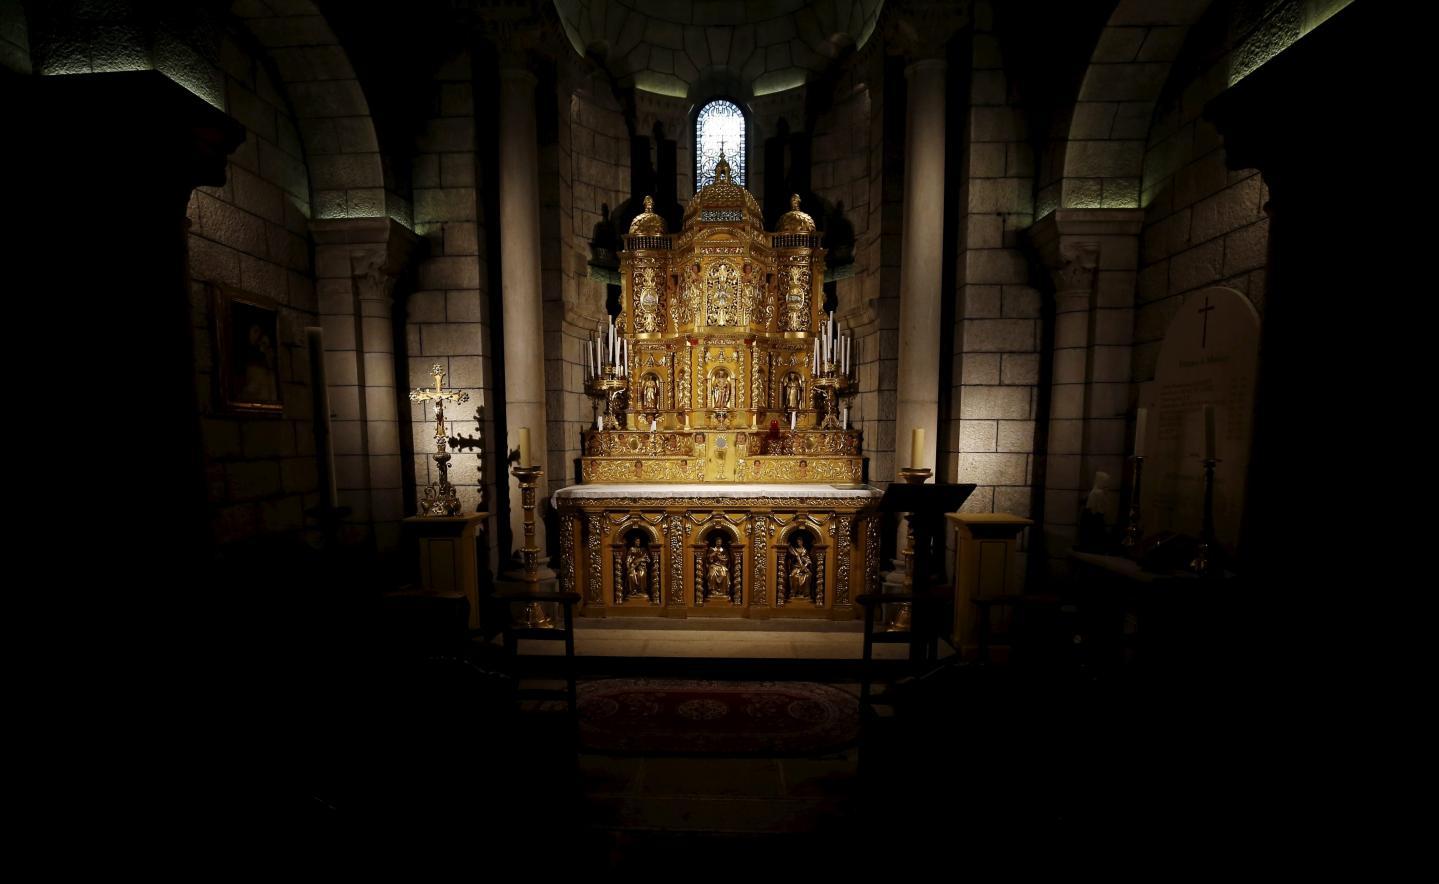 Dans la chapelle du Saint Sacrement, cet autel de 1667, en noyer sculpté dans le style de la Renaissance espagnole.